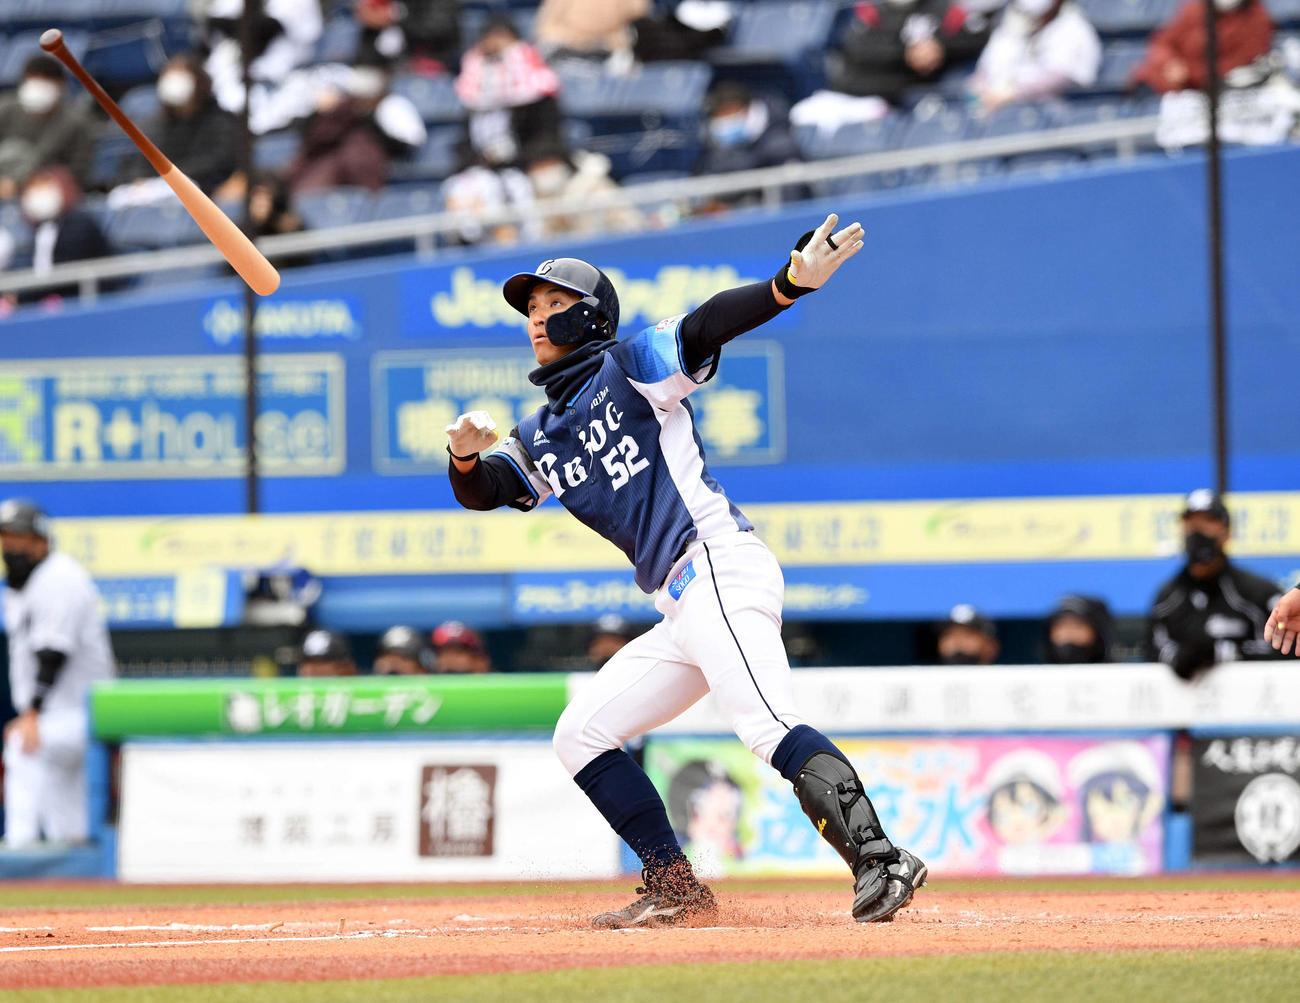 ロッテ対西武 7回表西武1死一塁、山田は左越え2点本塁打を放つ(撮影・滝沢徹郎)